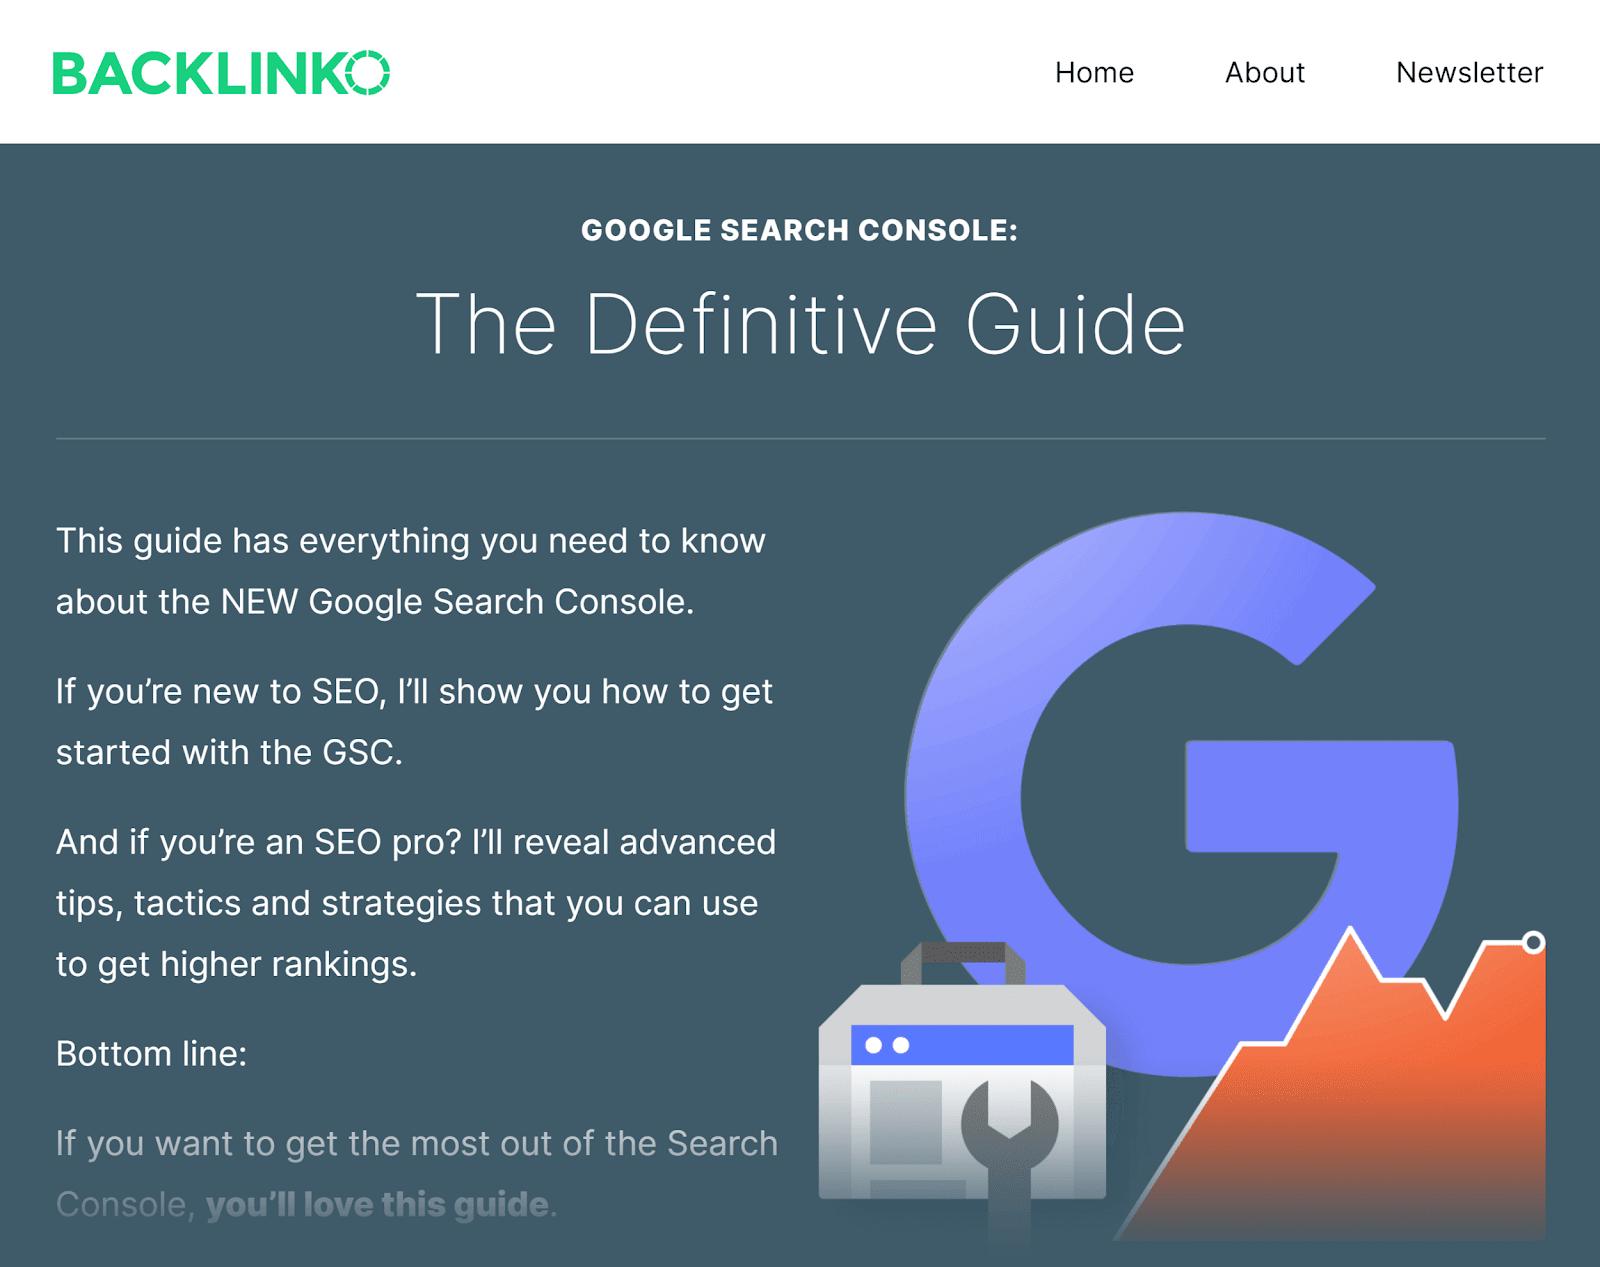 Backlinko - Hướng dẫn Google Search Console - Mẹo tiếp thị nội dung